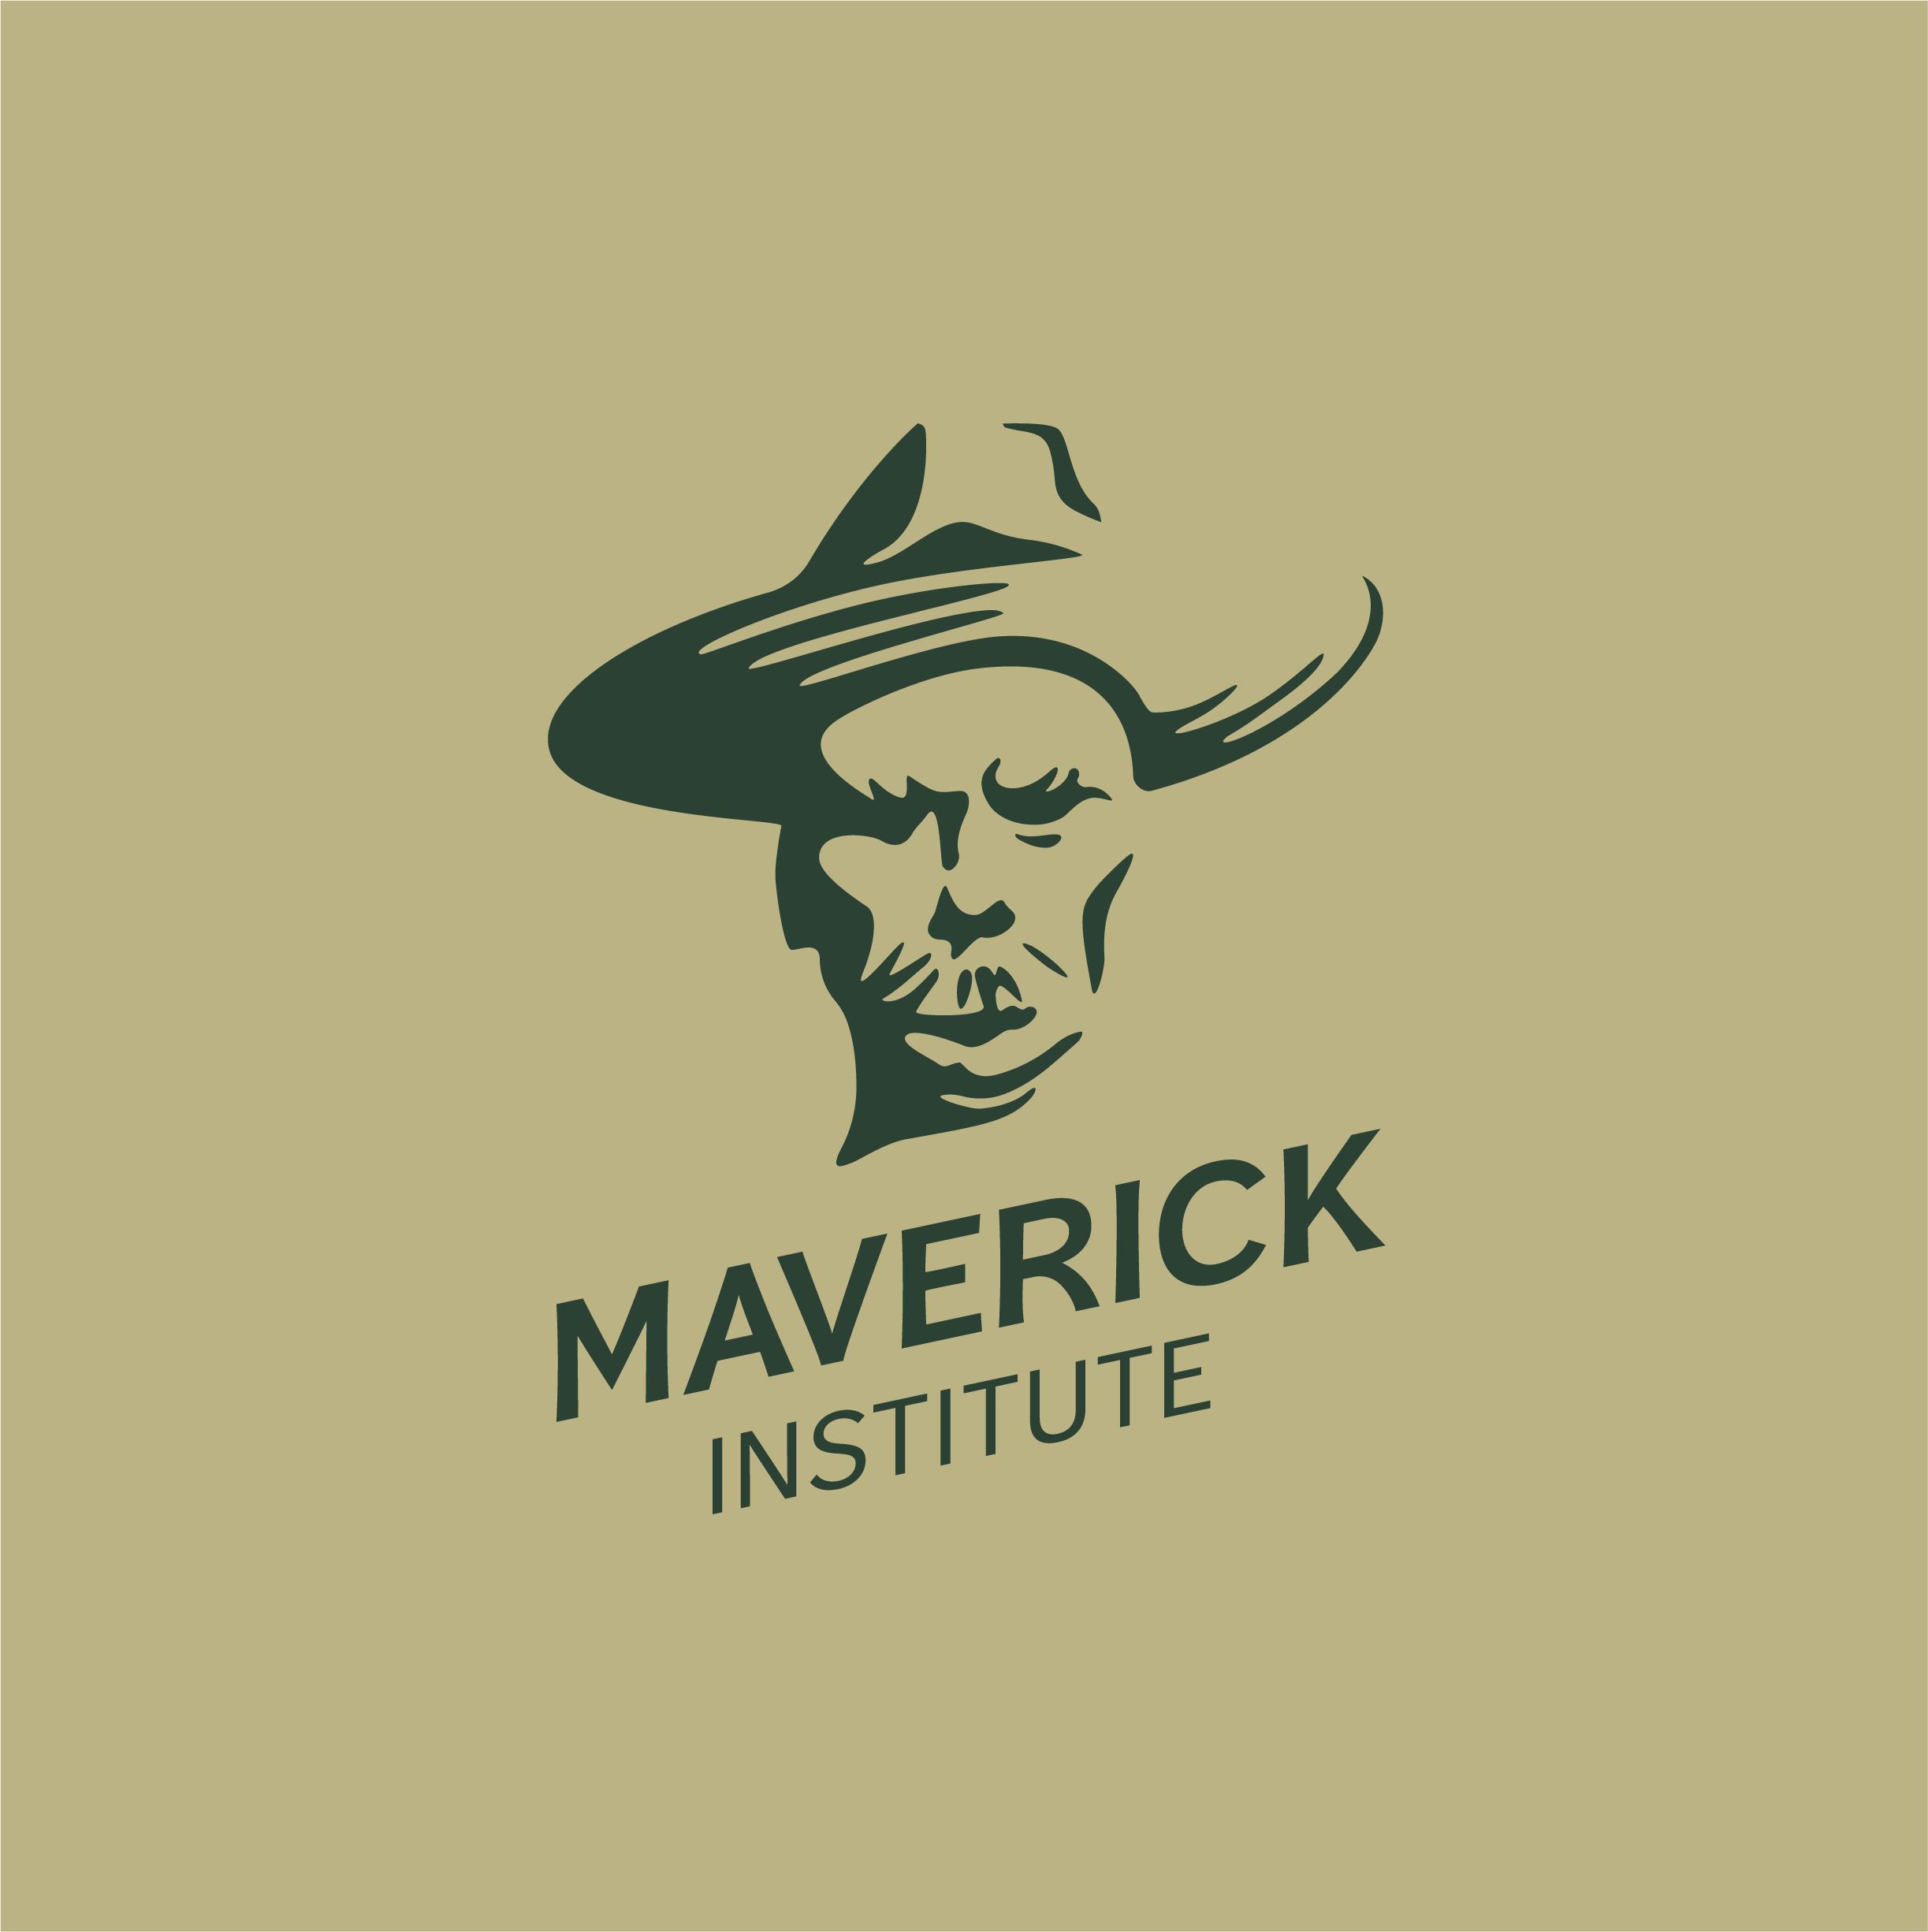 maverick-04.png